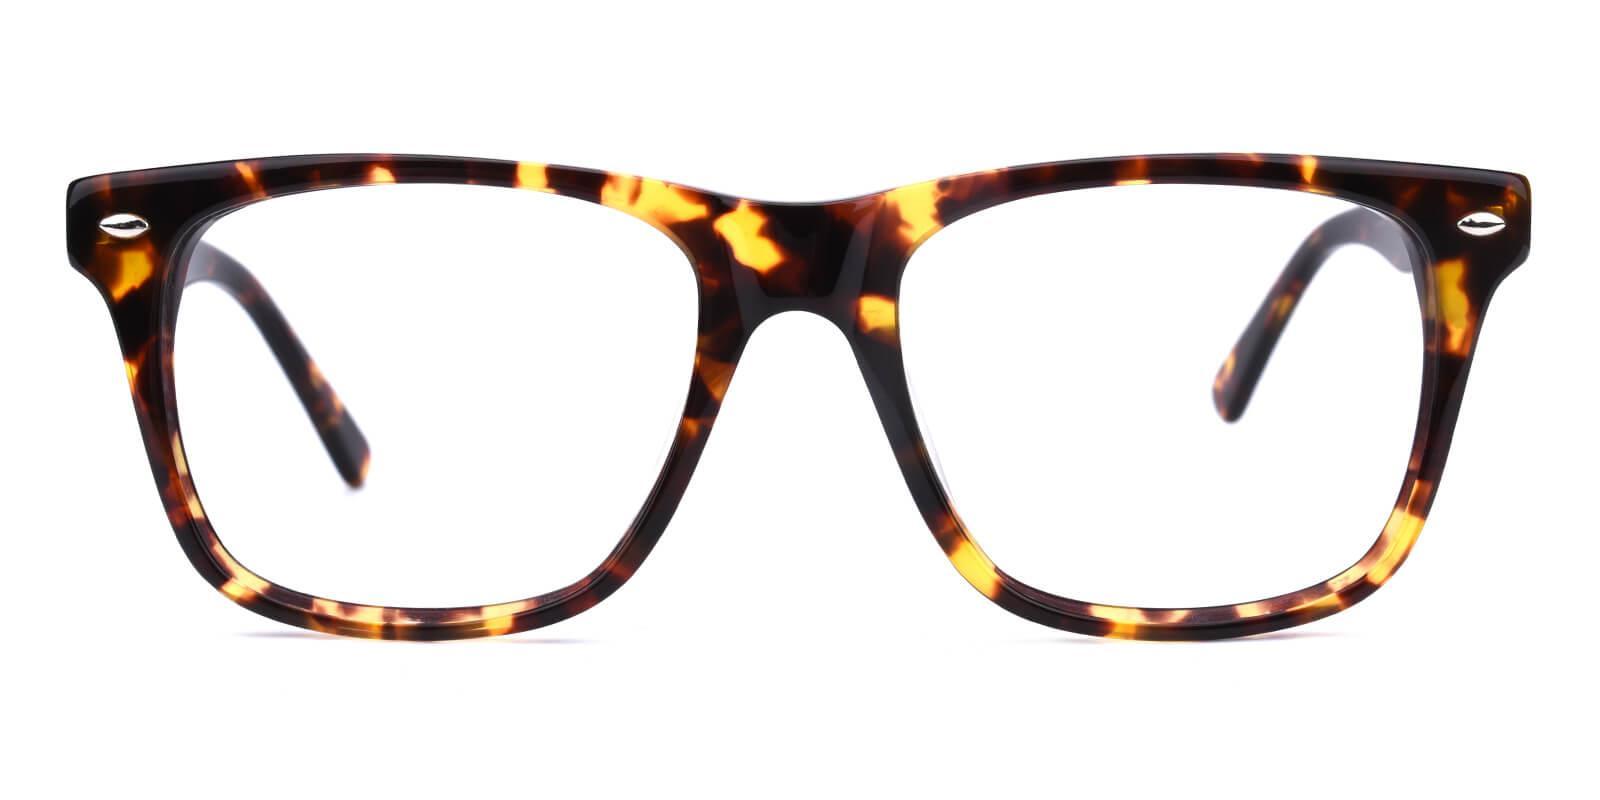 Bridinry-Tortoise-Square-Acetate-Eyeglasses-additional2